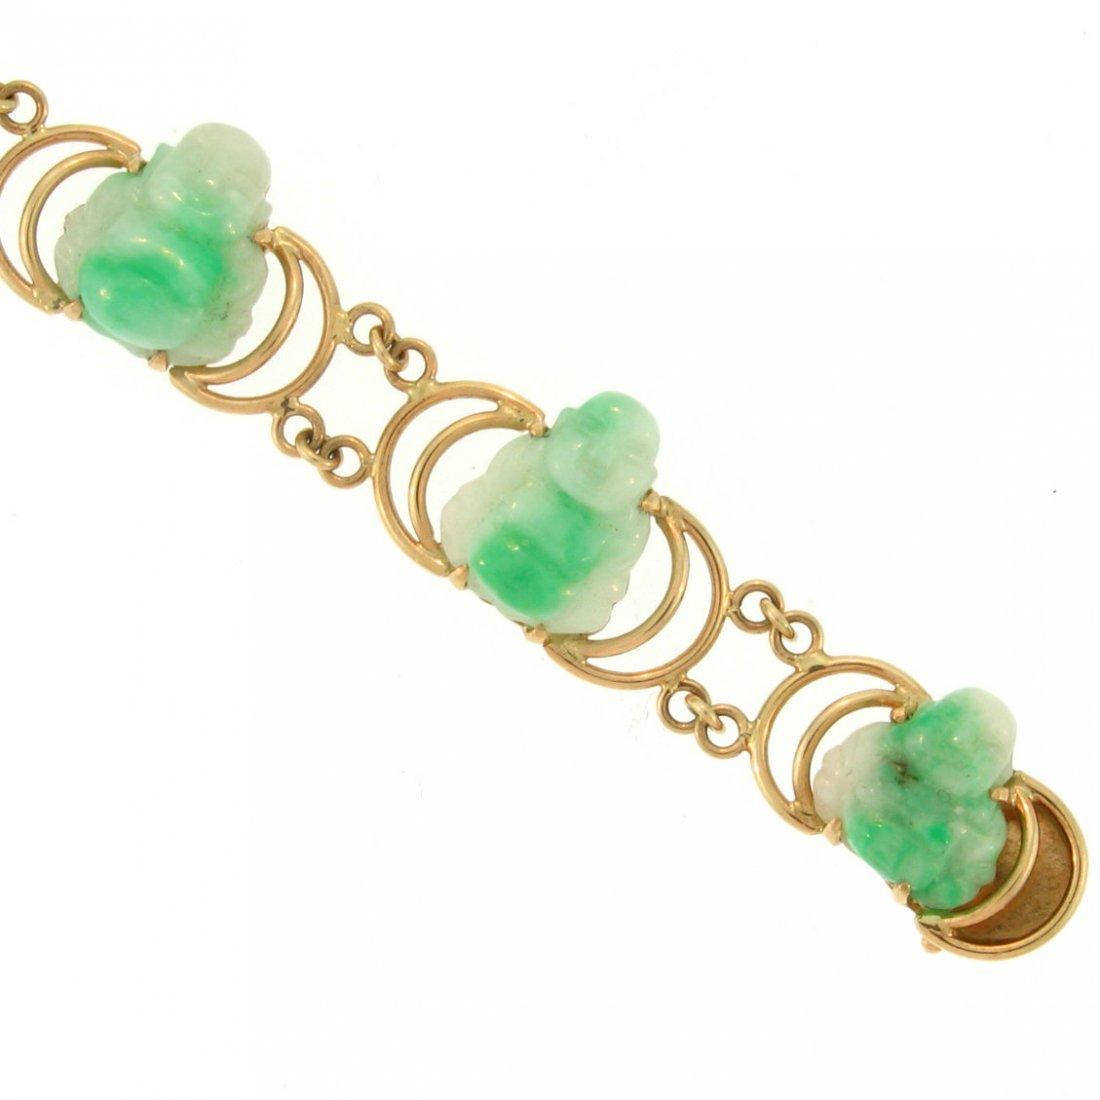 Untreated Green Jade Bracelet